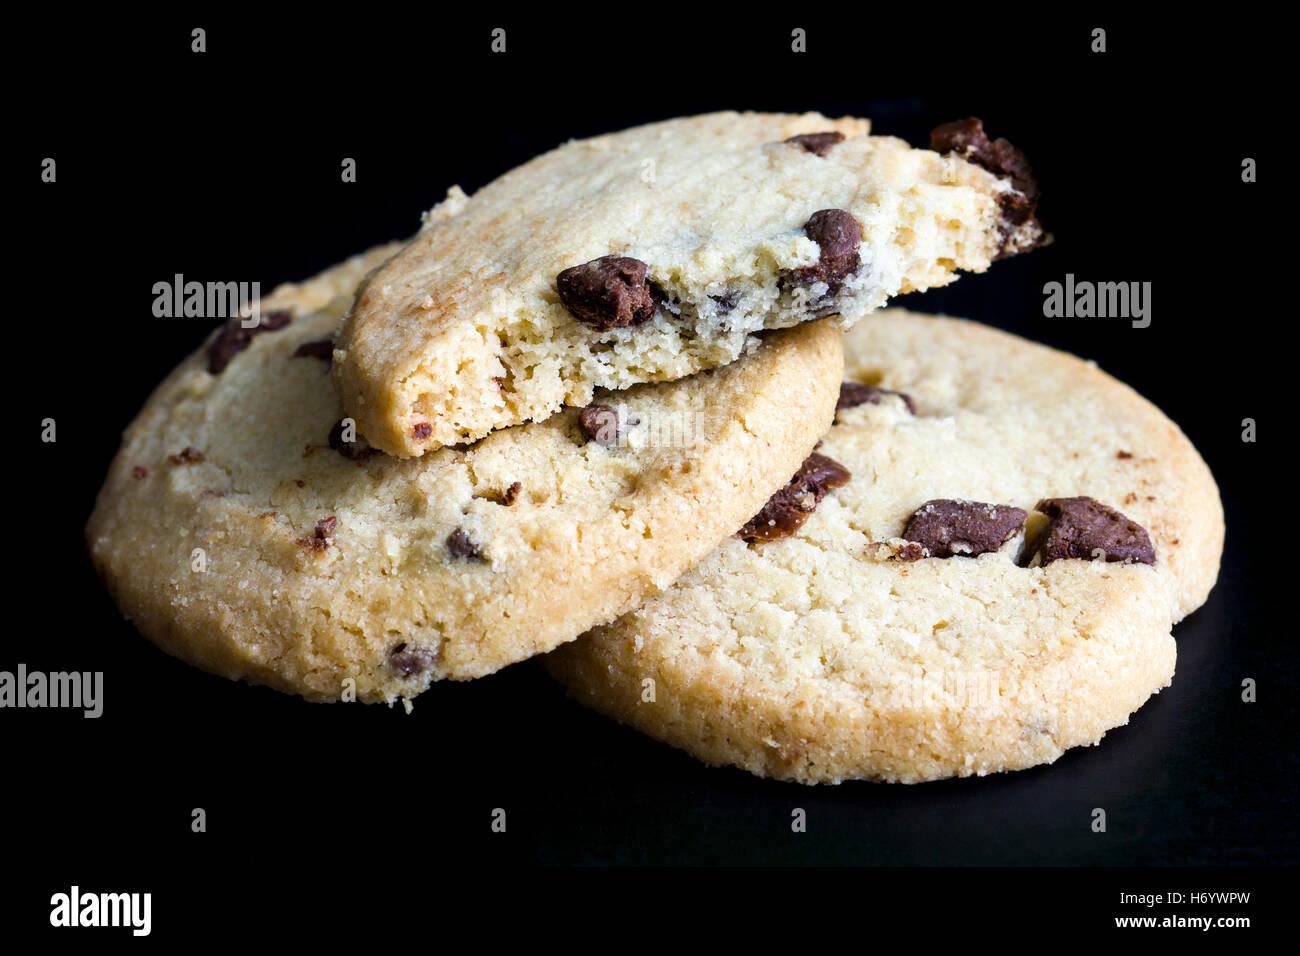 Ronda shortbread galletas con trocitos de chocolate. En negro. Imagen De Stock